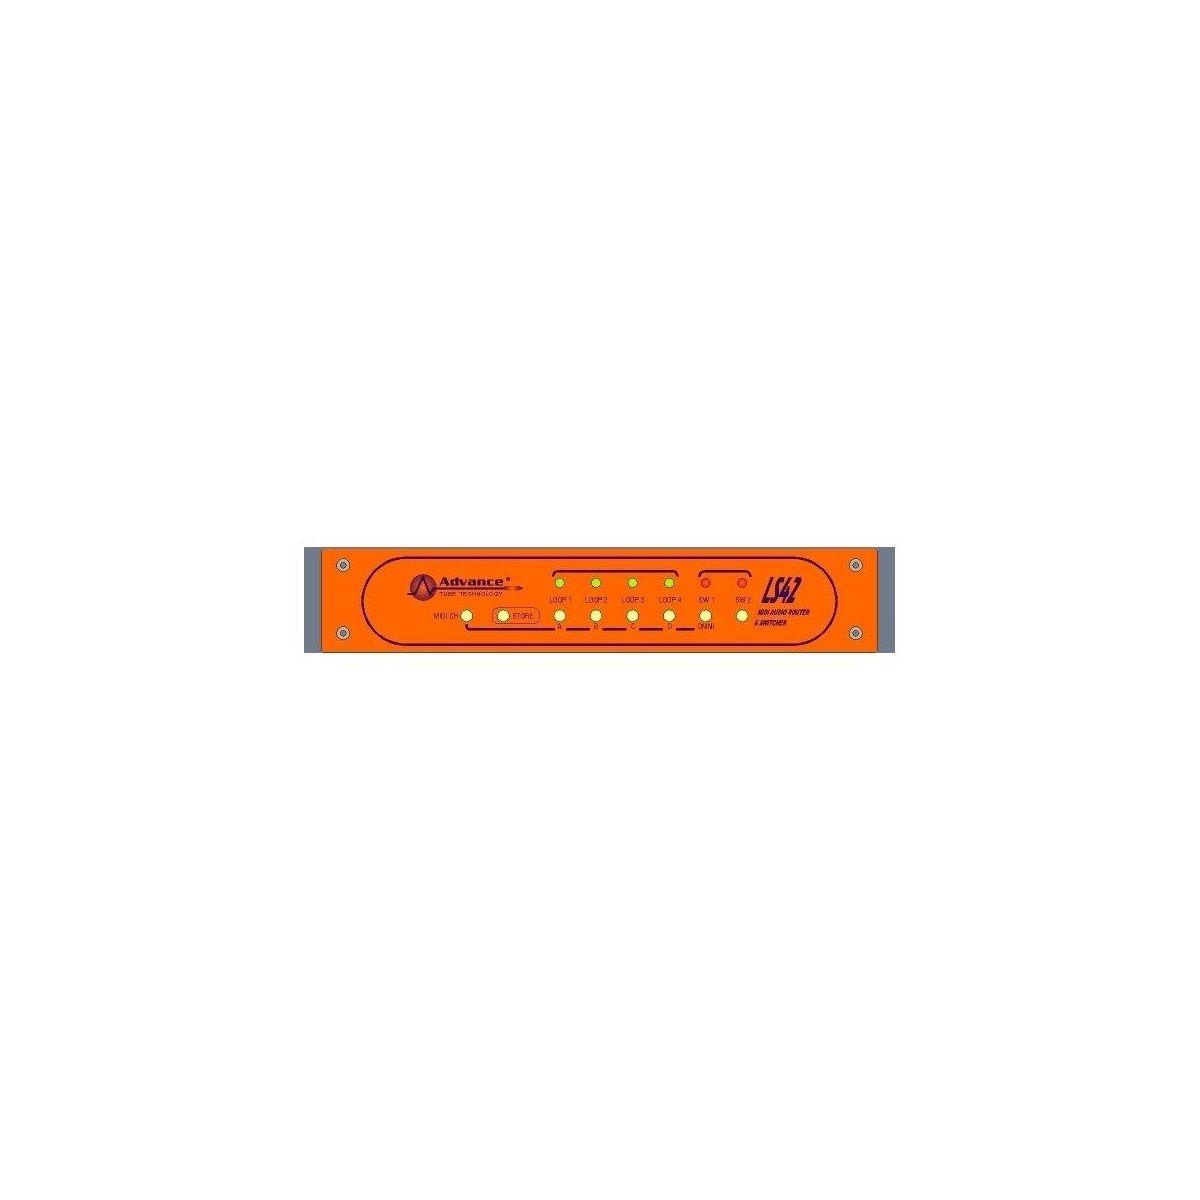 Multieffetto Advance Midi Audio Router/S witcher